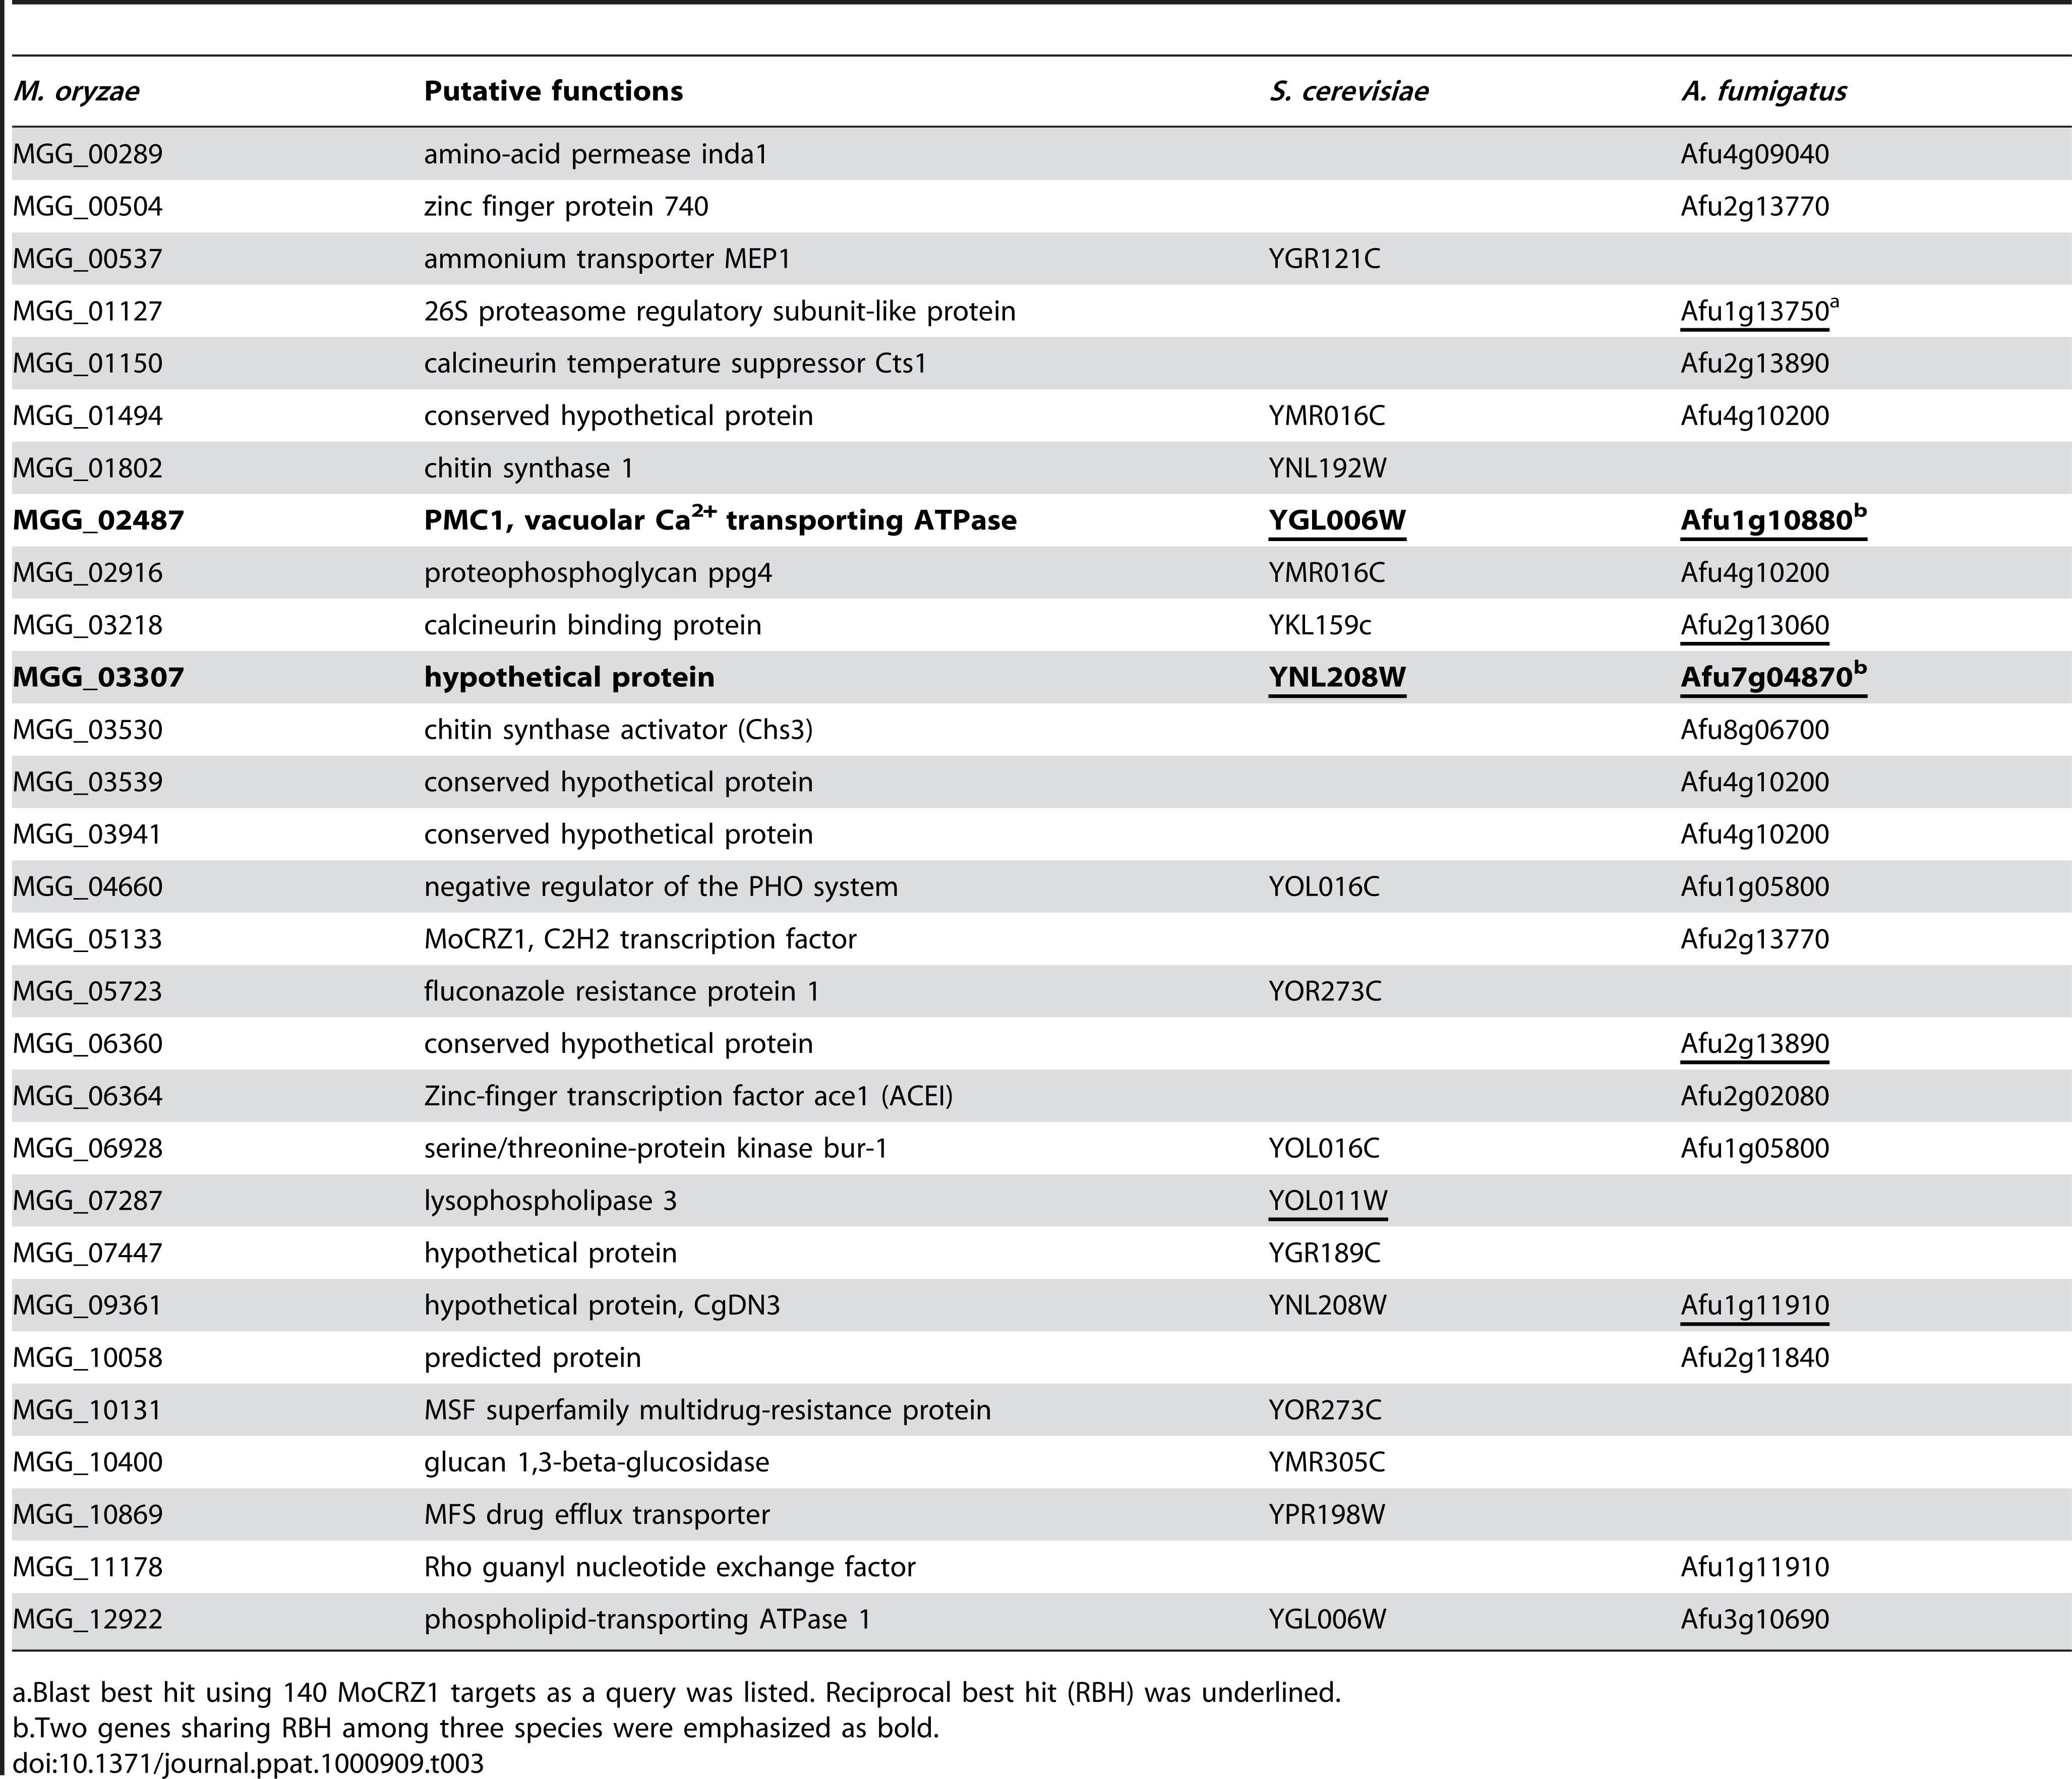 List of common genes regulated by calcium/calcineurin/CRZ1 across species.